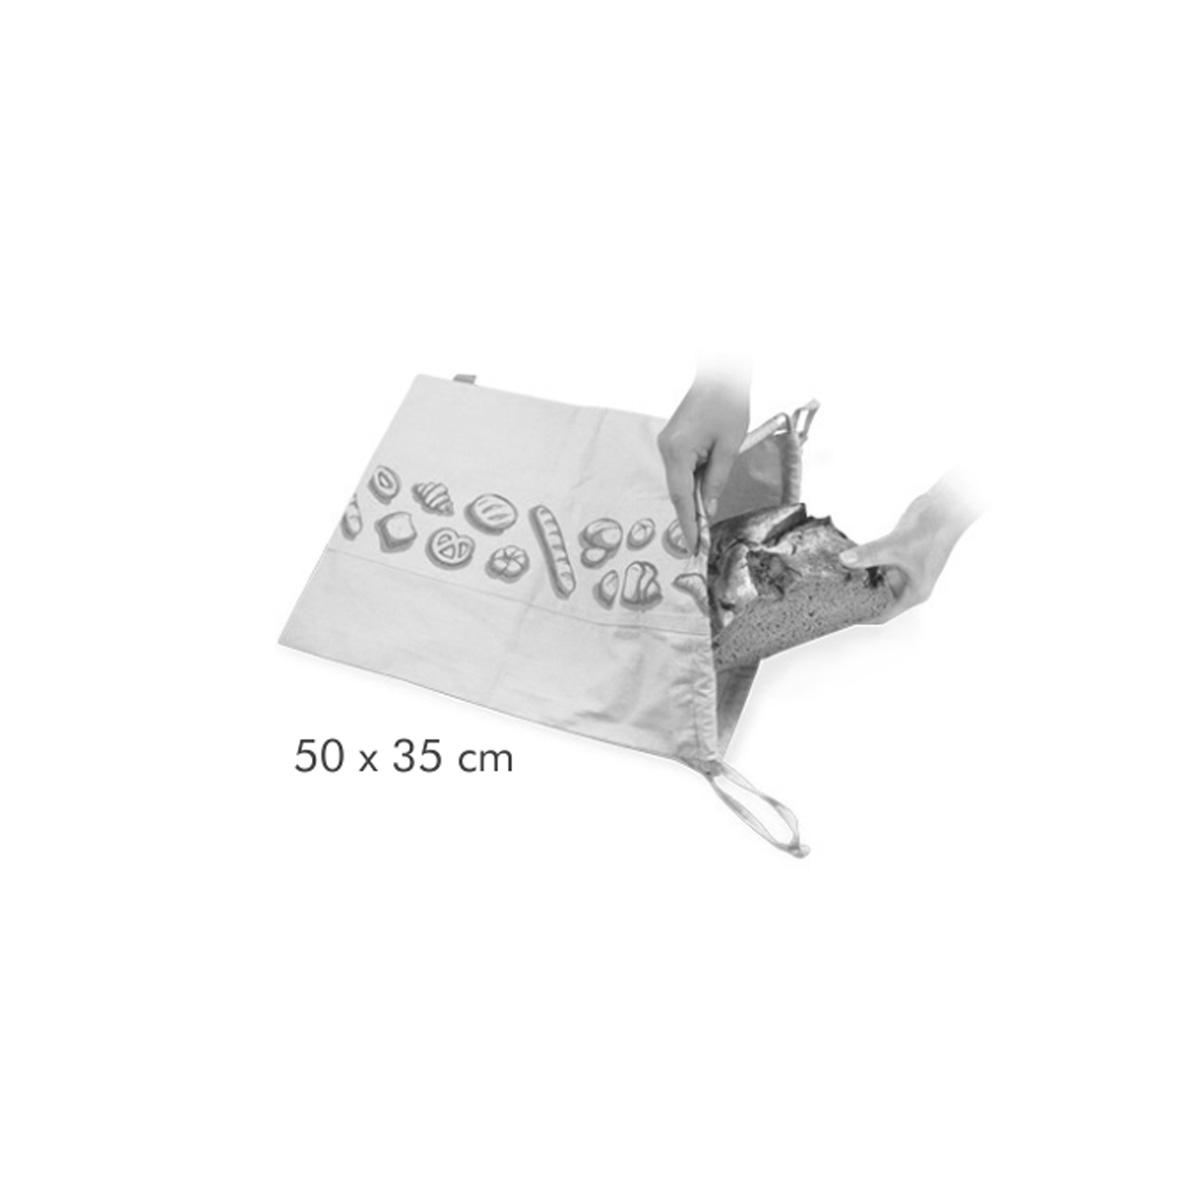 Pytlík pro ukládání pečiva 4FOOD 50x35 cm